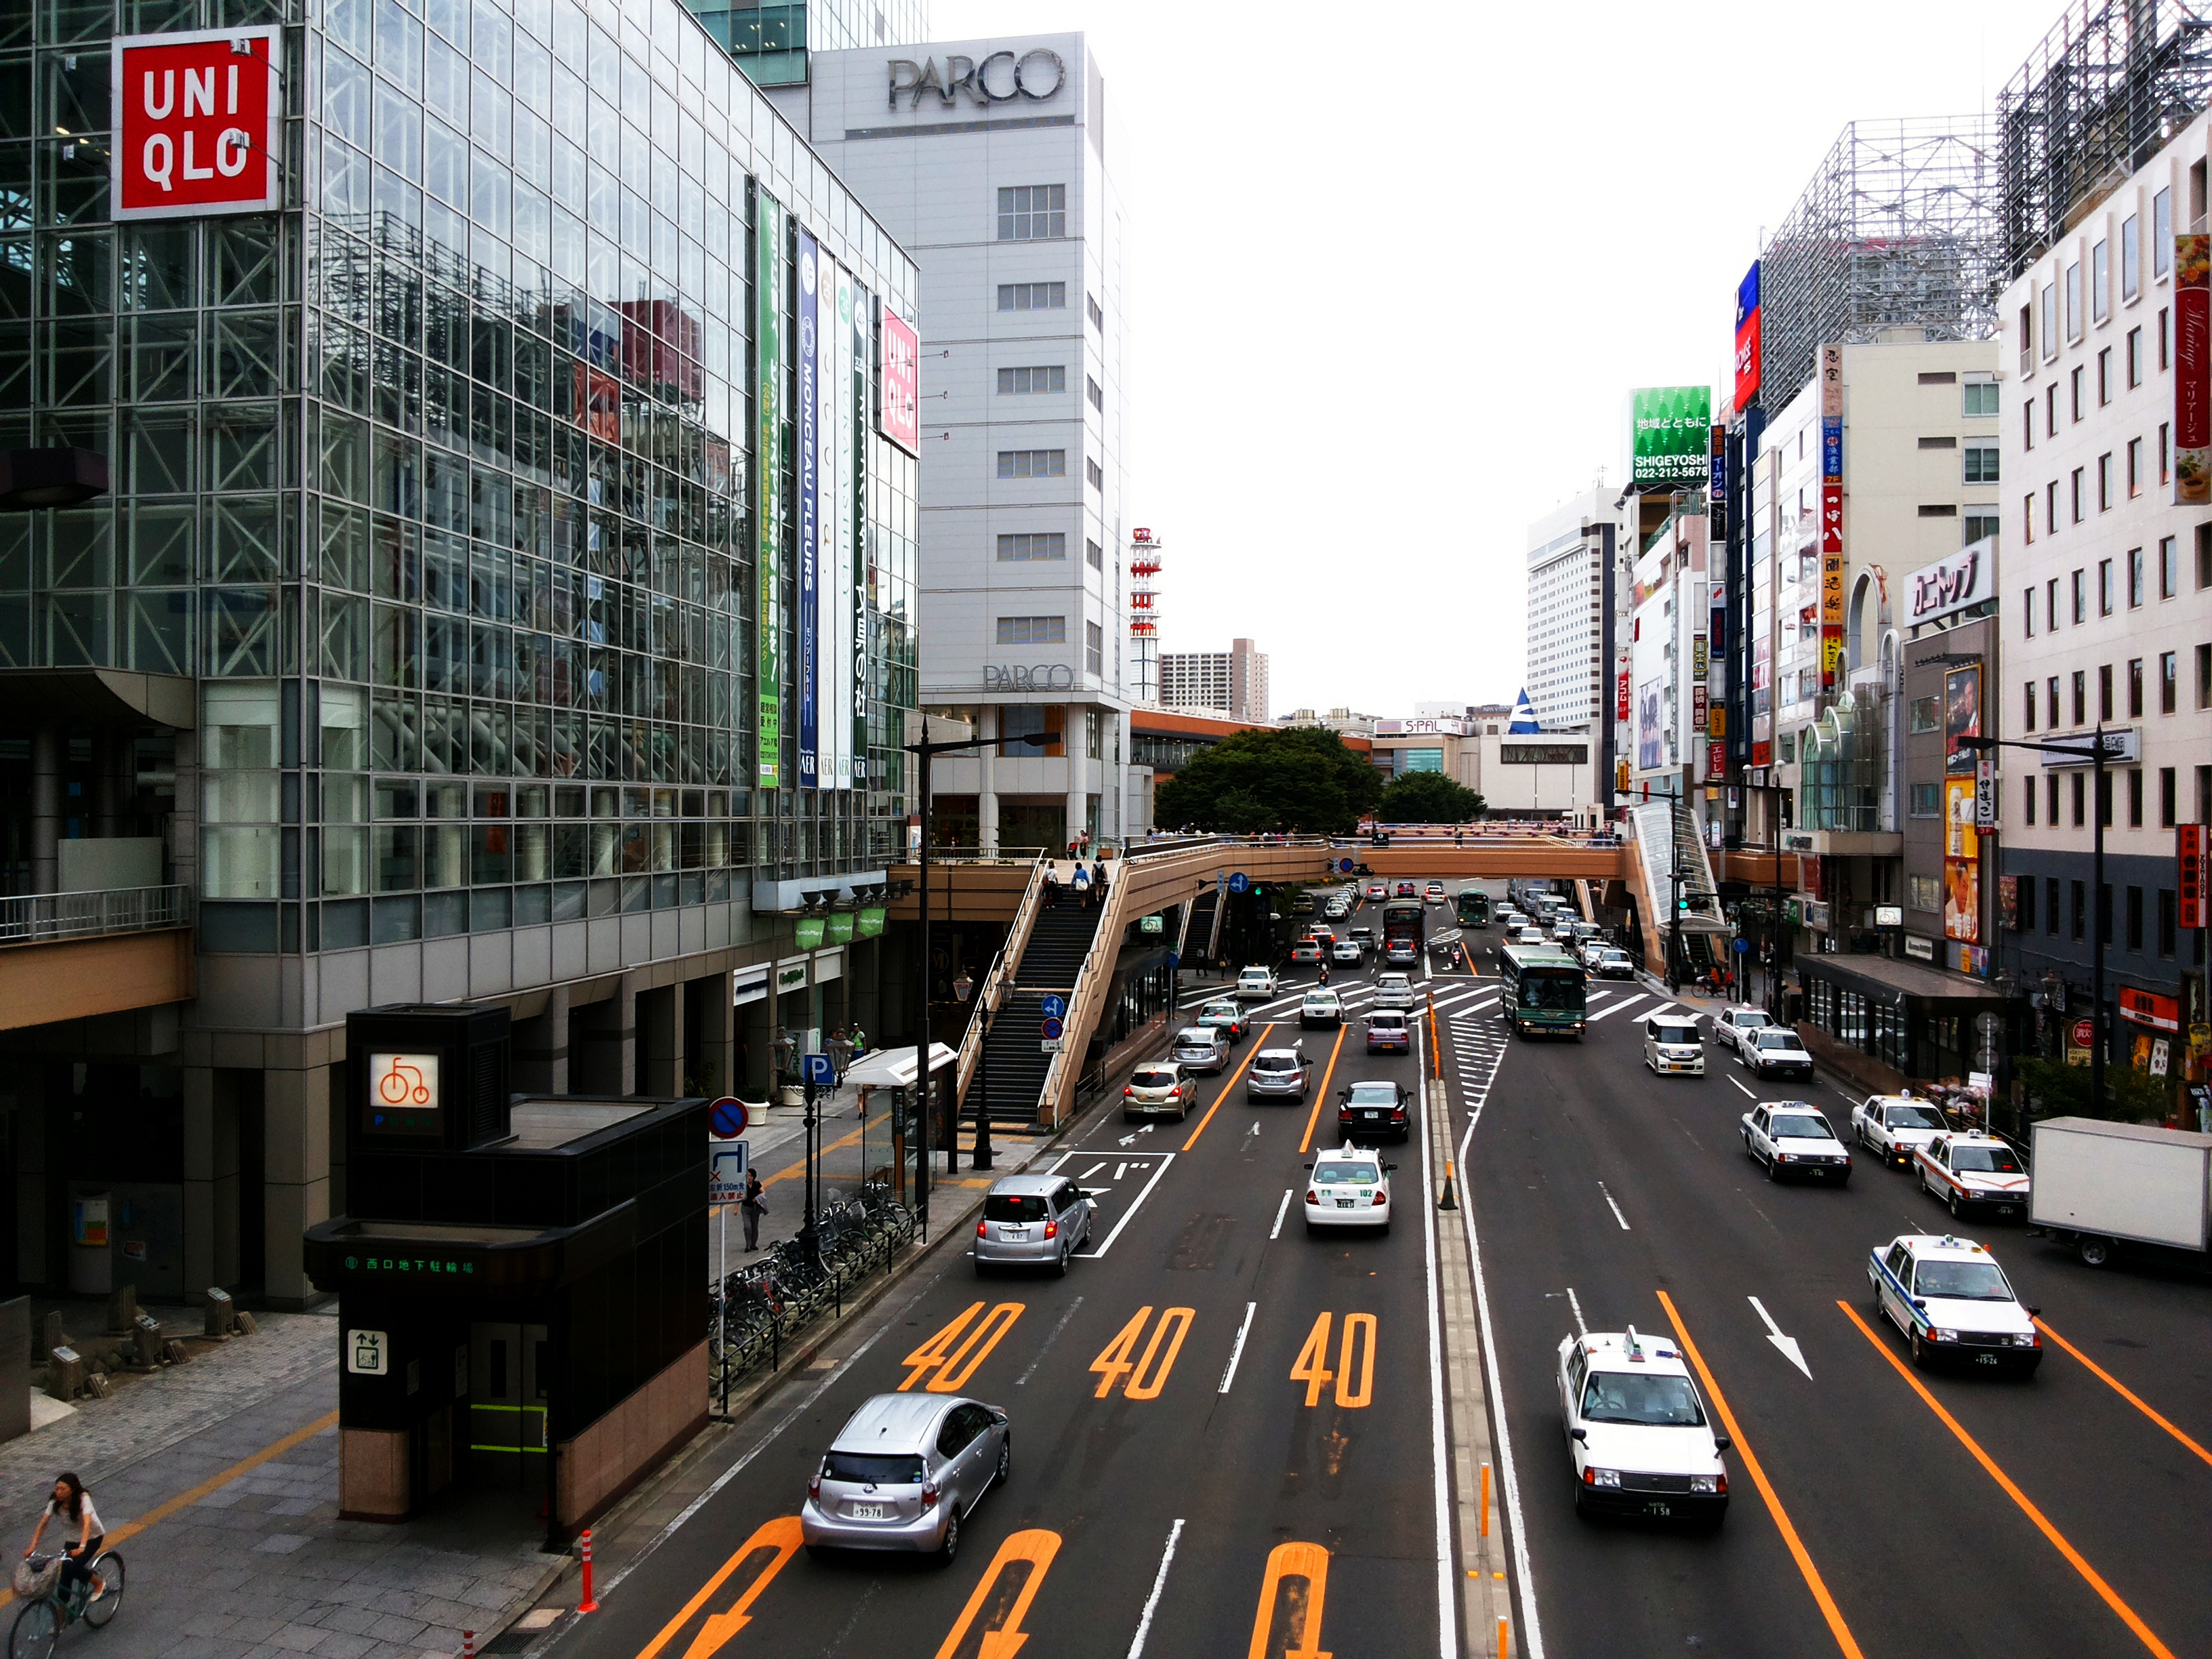 以前每次去日本旅游,基本上到日本中部,2月去了北海道,由于是冬天本人